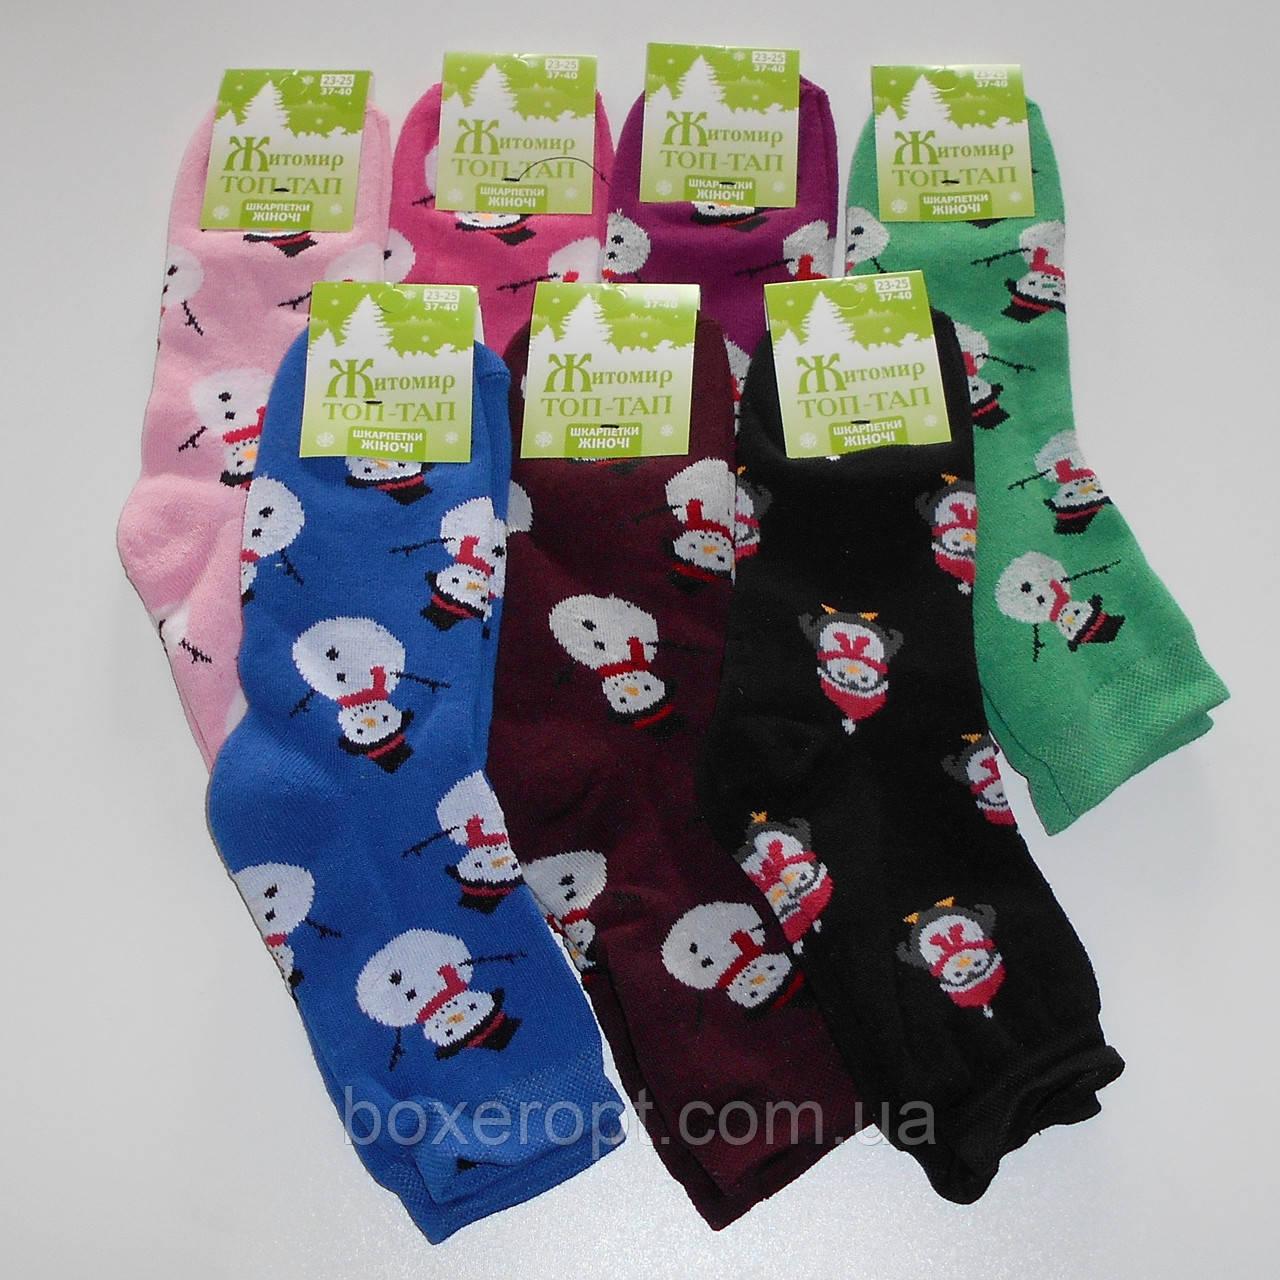 Женские махровые носки Топ-Тап - 11.50 грн./пара (снеговики)